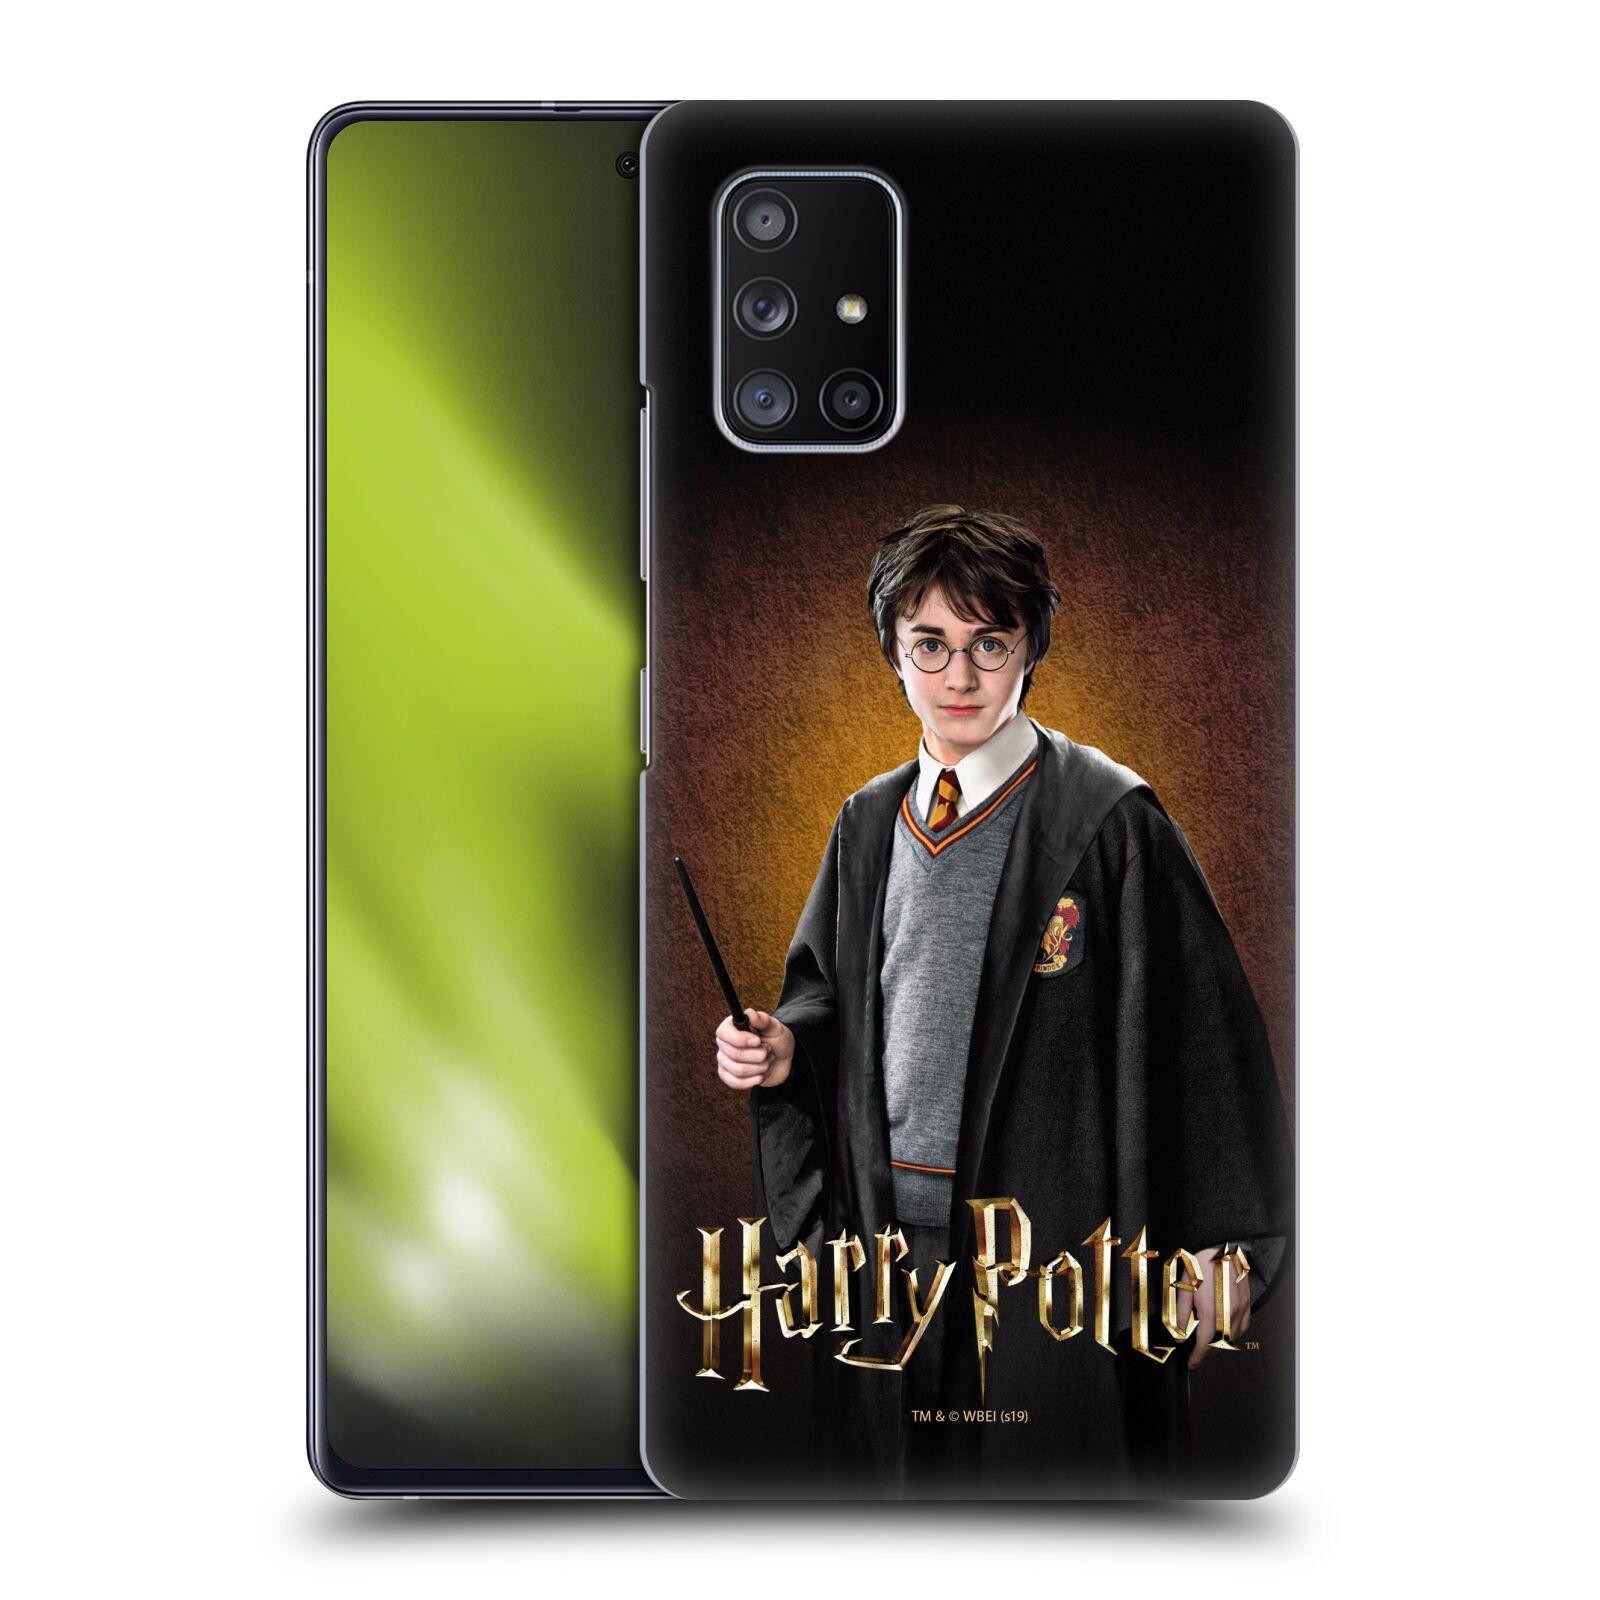 Plastové pouzdro na mobil Samsung Galaxy A51 5G - Harry Potter - Malý Harry Potter